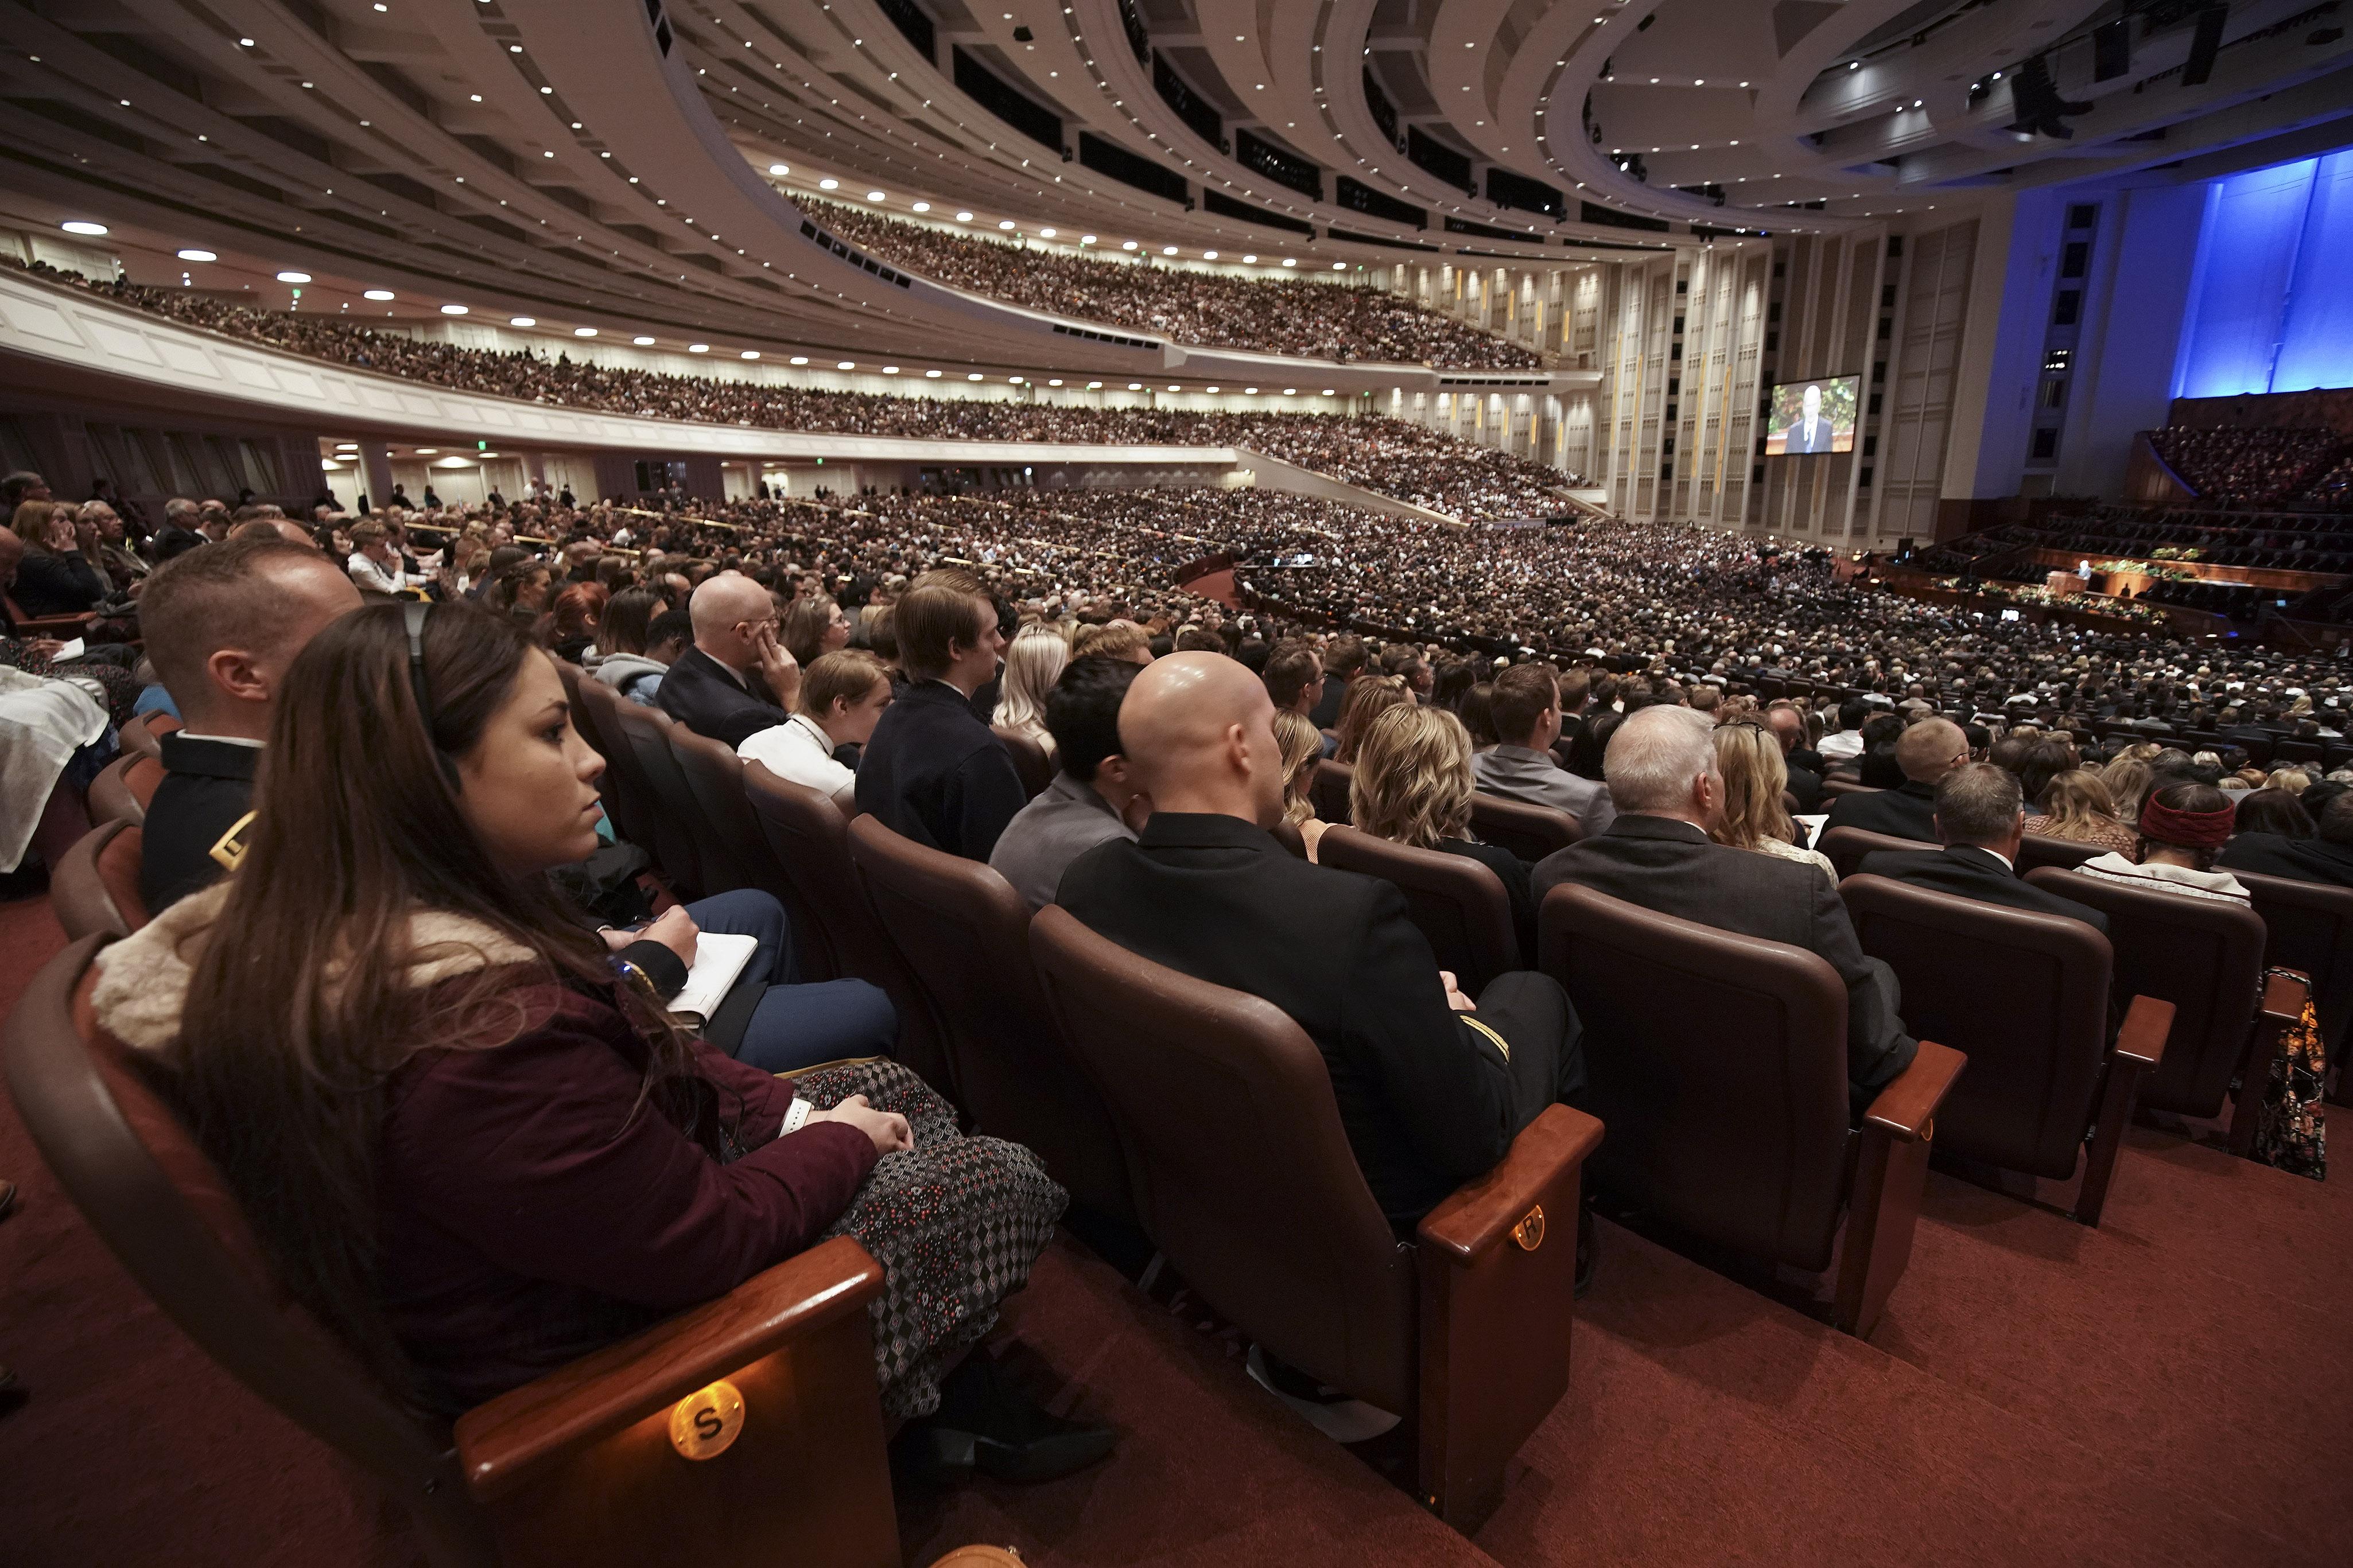 El presidente Russell M. Nelson habla durante la sesión del domingo por la mañana de la Conferencia General Semestral núm. 189 de La Iglesia de Jesucristo de los Santos de los Últimos Días en Salt Lake City el domingo, 6 de oct. de 2019.